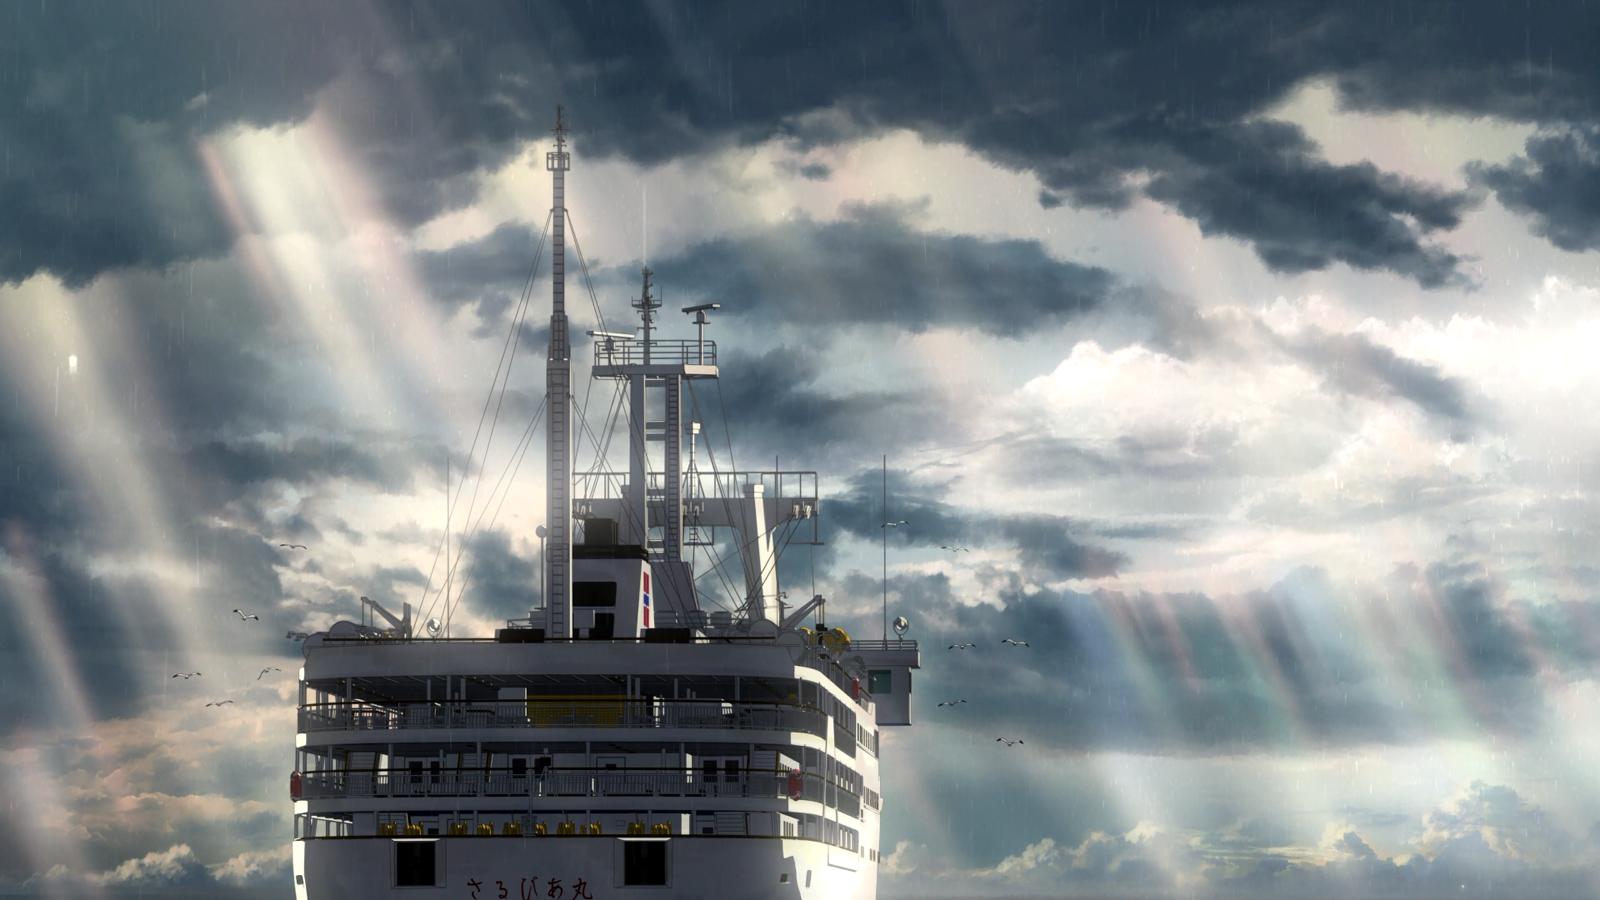 Кадр из аниме Дитя погоды